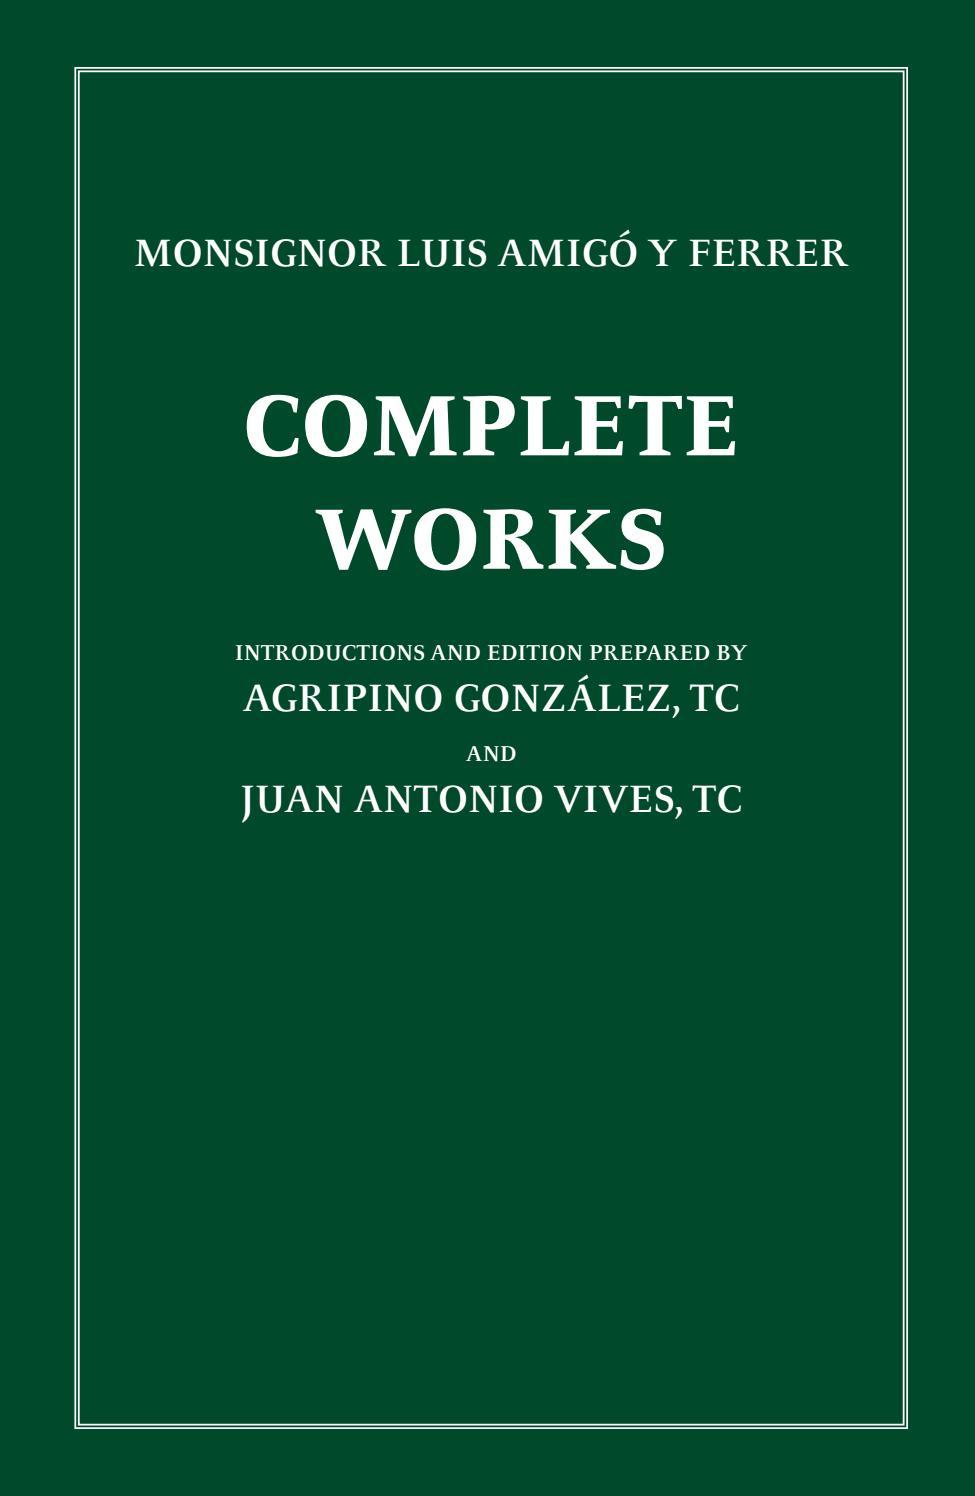 Complete Works (parte 1) by boletinluisamigo - issuu